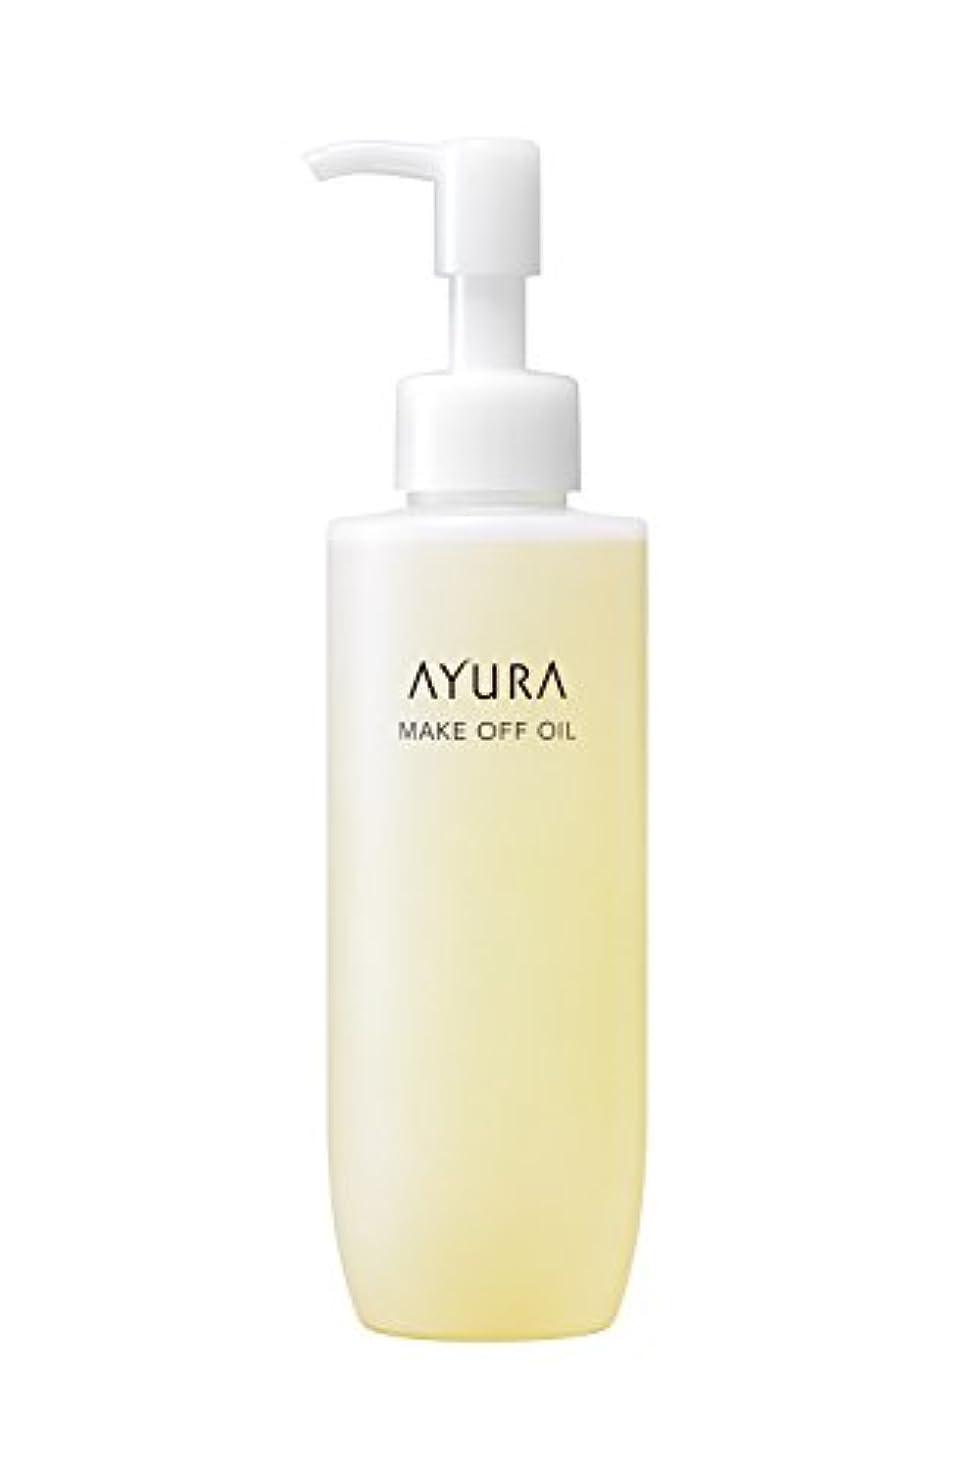 失効鎖インストラクターアユーラ (AYURA) メークオフオイル < メイク落とし > 170mL するんとオフするダメージ肌にやさしいオイルタイプ